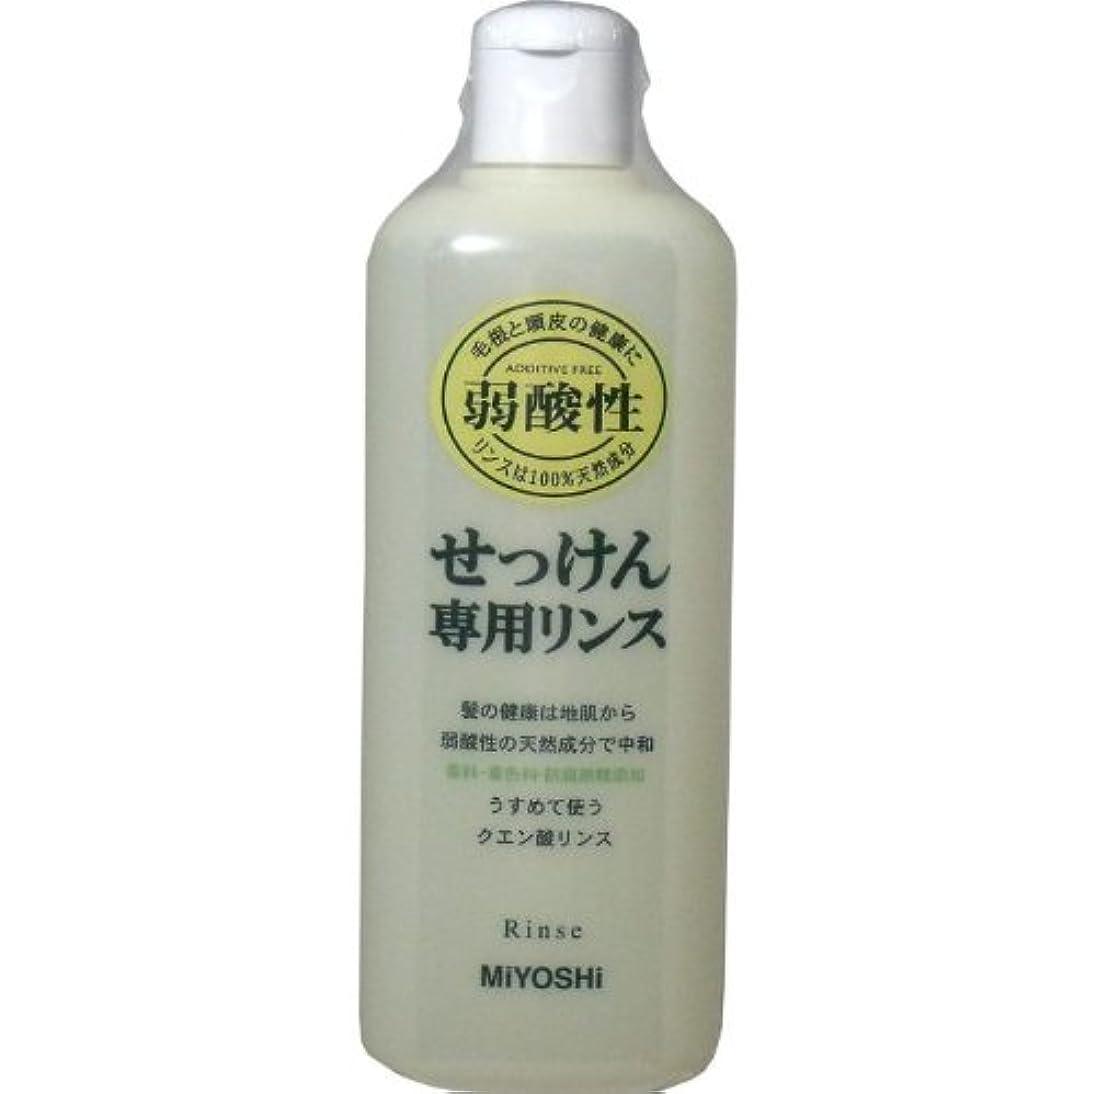 火曜日気味の悪い中国髪の健康は地肌から、弱酸性の天然成分で中和!!香料、防腐剤、着色料無添加!うすめて使うクエン酸リンス!リンス 350mL